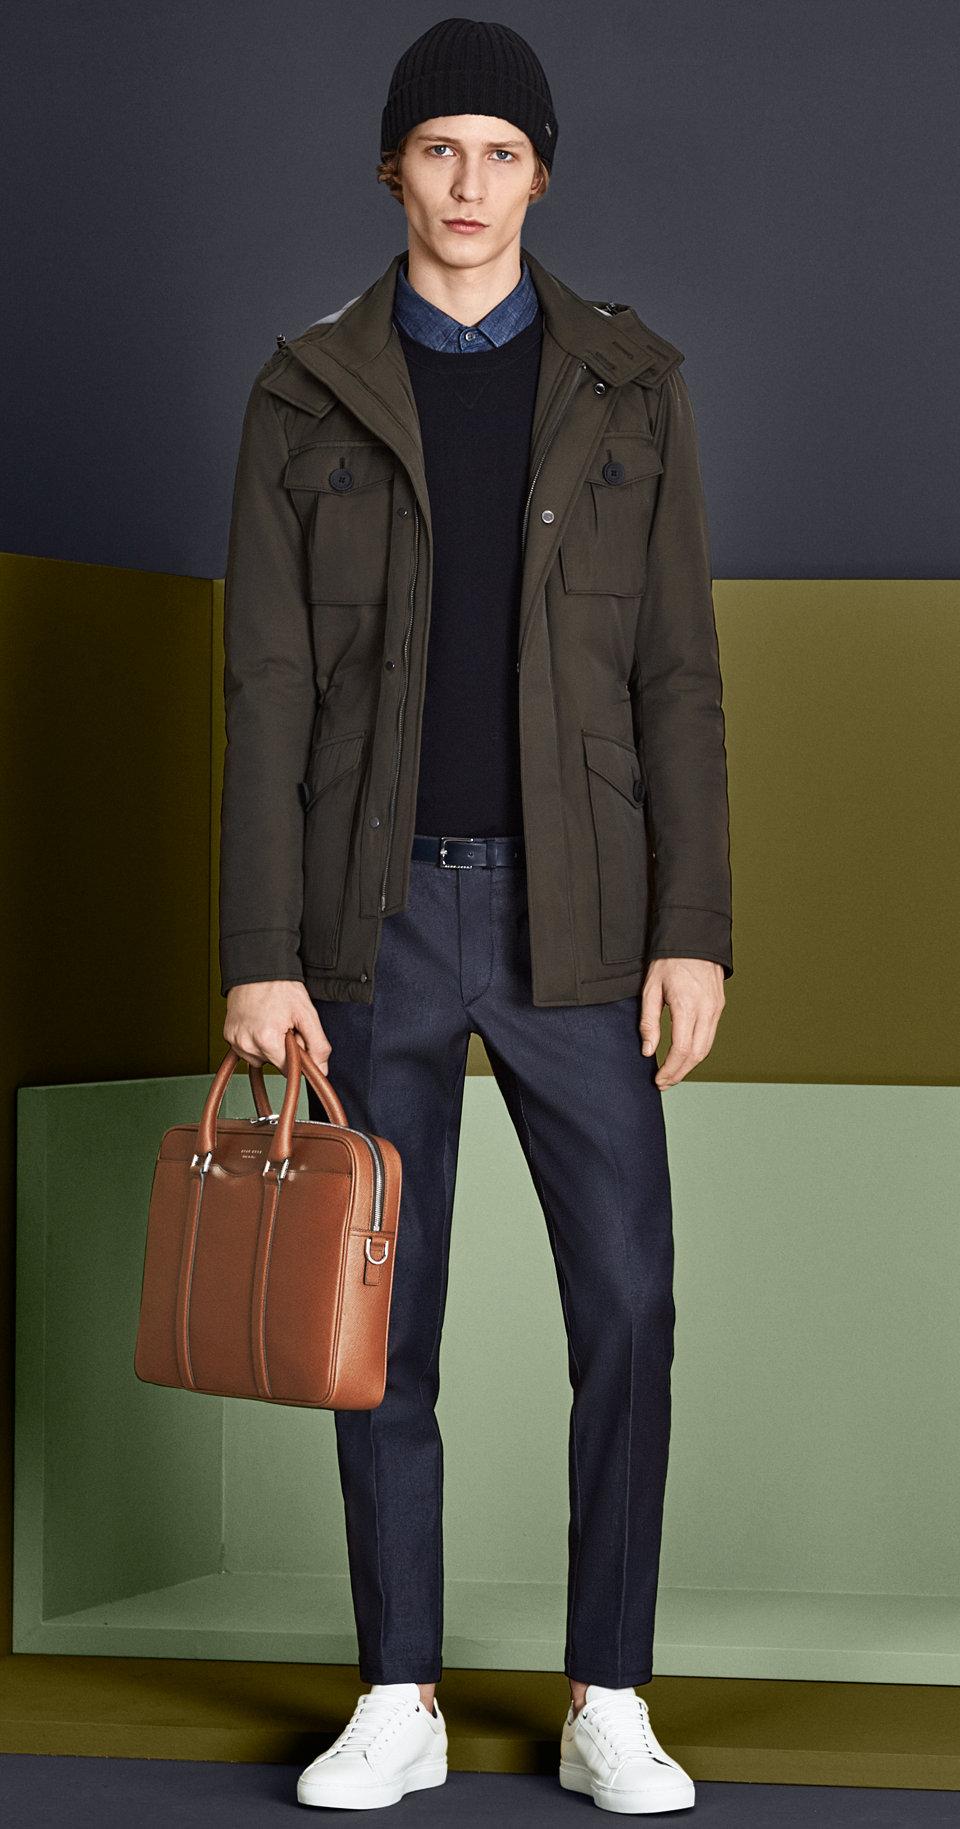 Khakifarbene Jacke, Strick und Hemd in Dunkelblau, dunkelblaue Hose mit dunkelblauer Mütze, Gürtel, khakifarbener Tasche und weißen Schuhen von BOSS